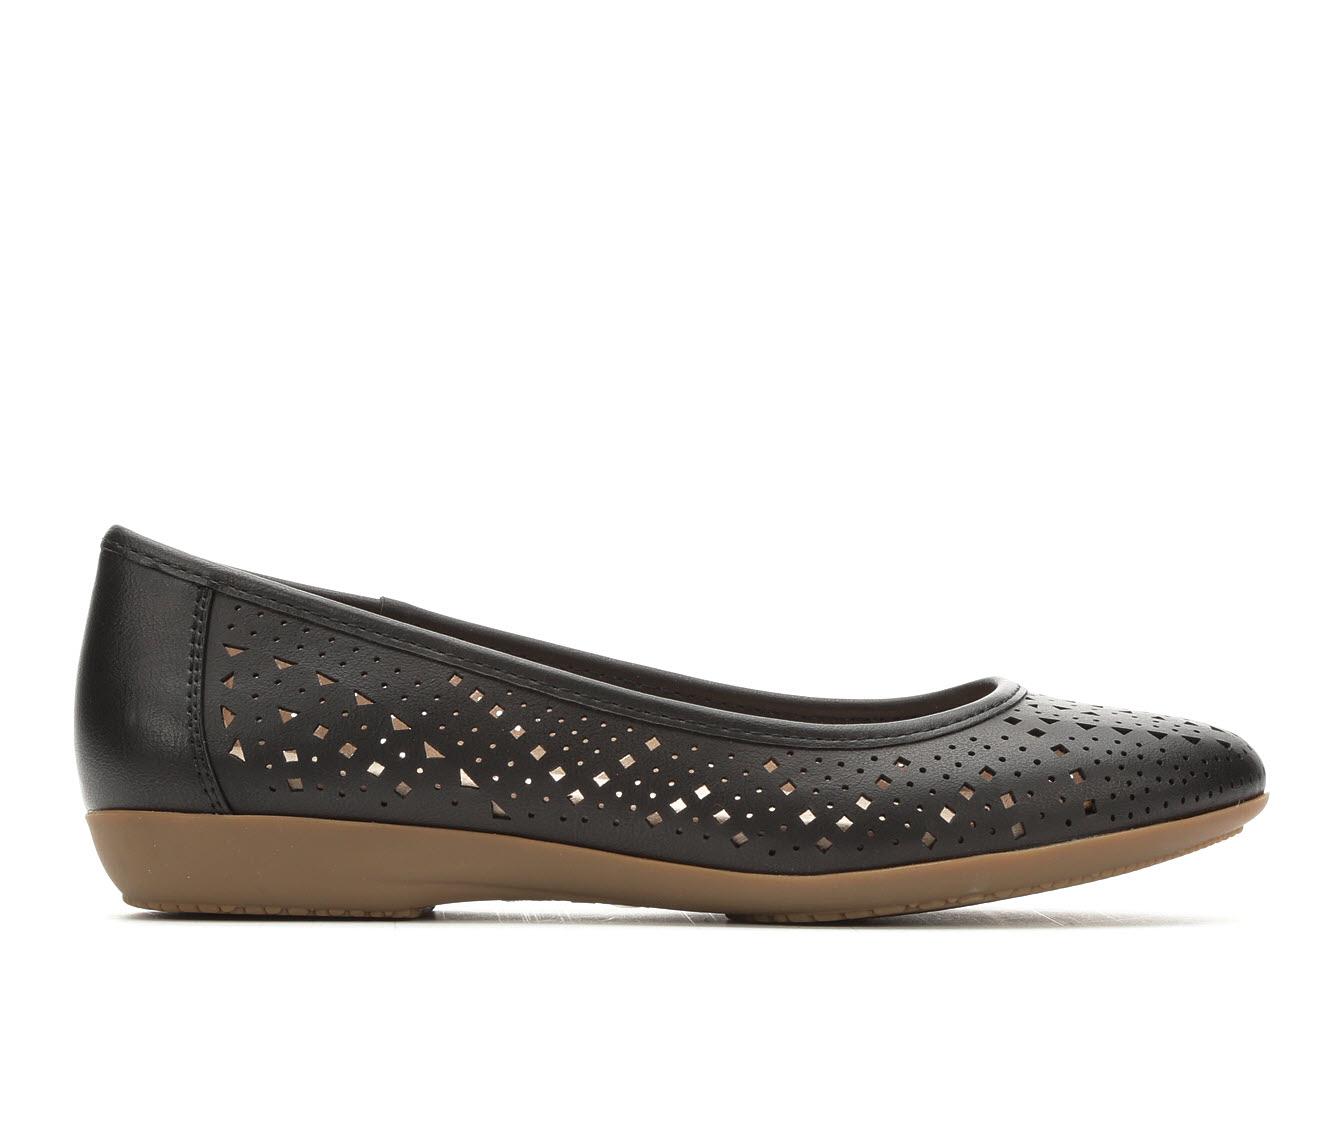 Vintage 7 Eight Claire Women's Shoe (Black Faux Leather)